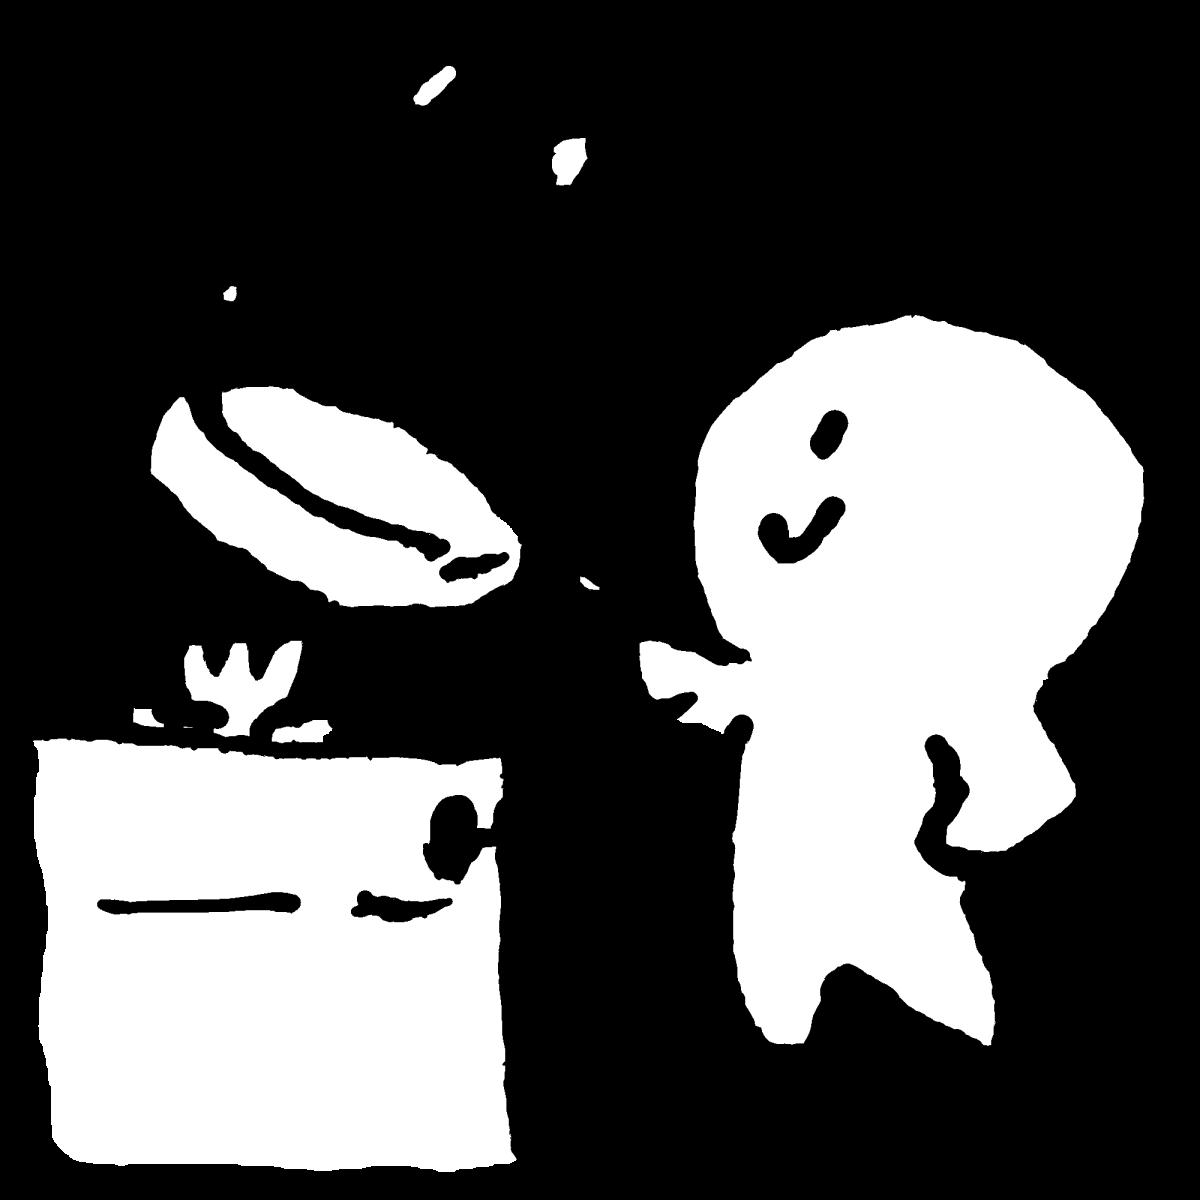 フライパンで焼くのイラスト fry in a frying pan  Illustration